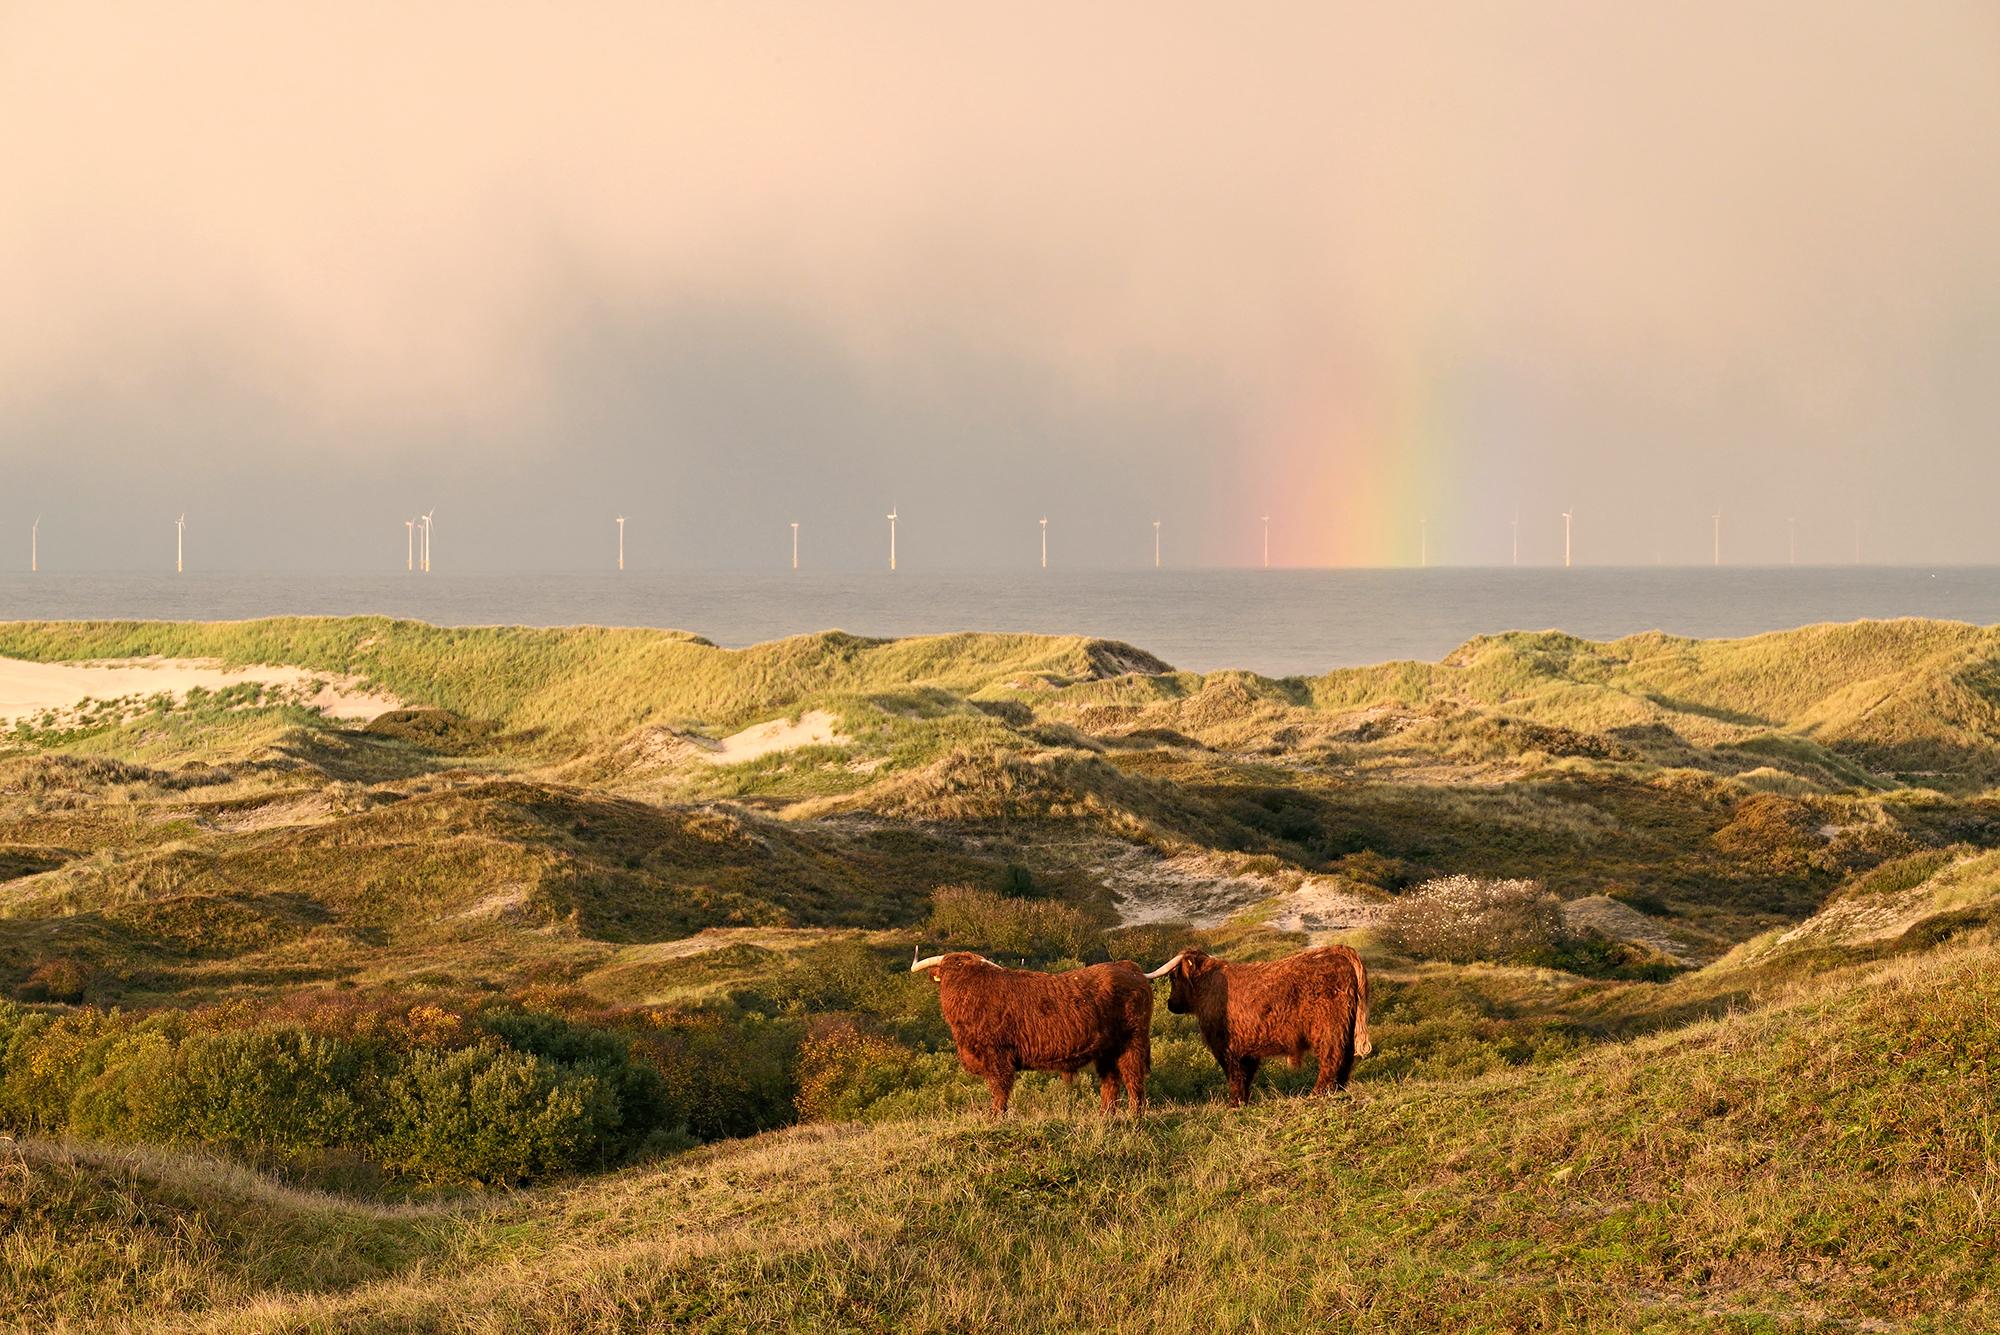 Schotse hooglanders op duintop met uitzicht op zee, regenboog en windmolens tijdens zonsopkomst in Noordhollands Duinreservaat bij Egmond - © Ronald van Wijk